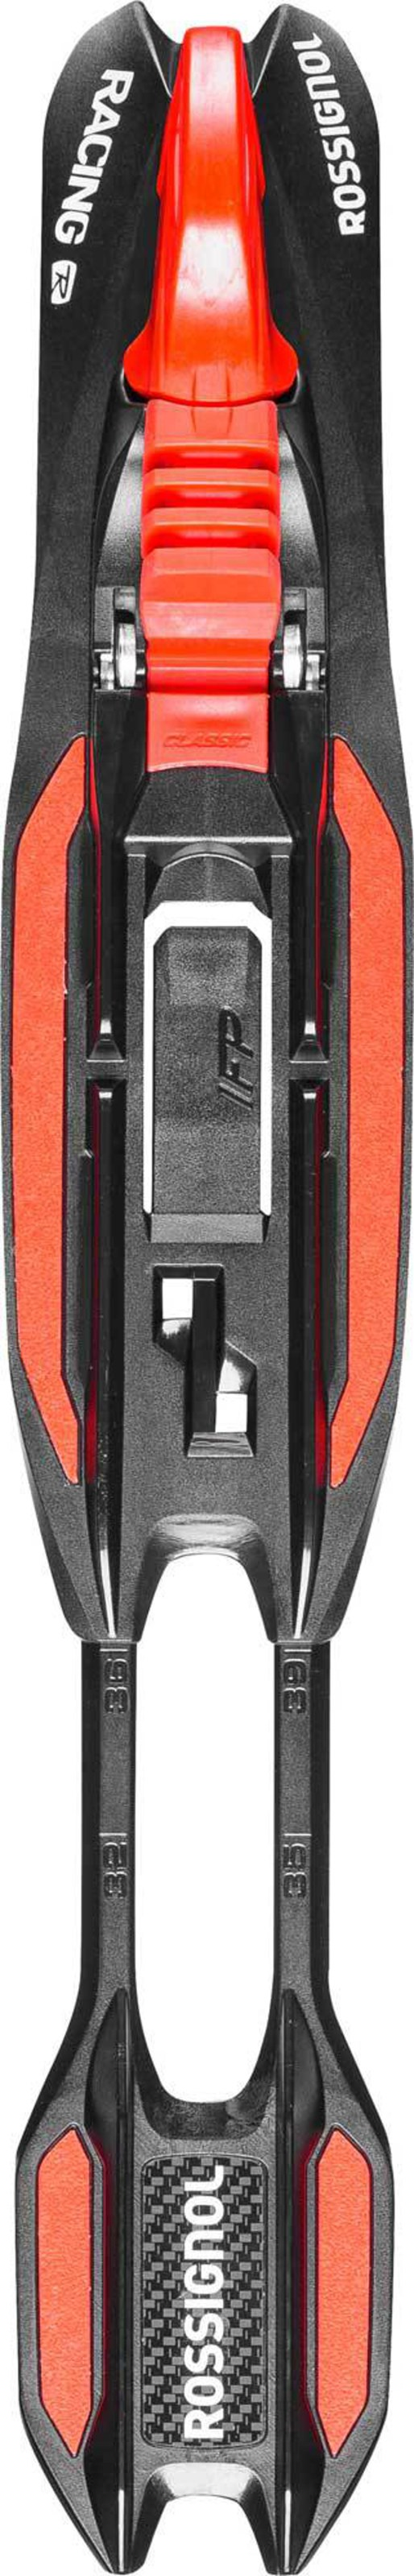 RJG1008_RACE-JR-CLASSIC-rgb72dpi.jpg